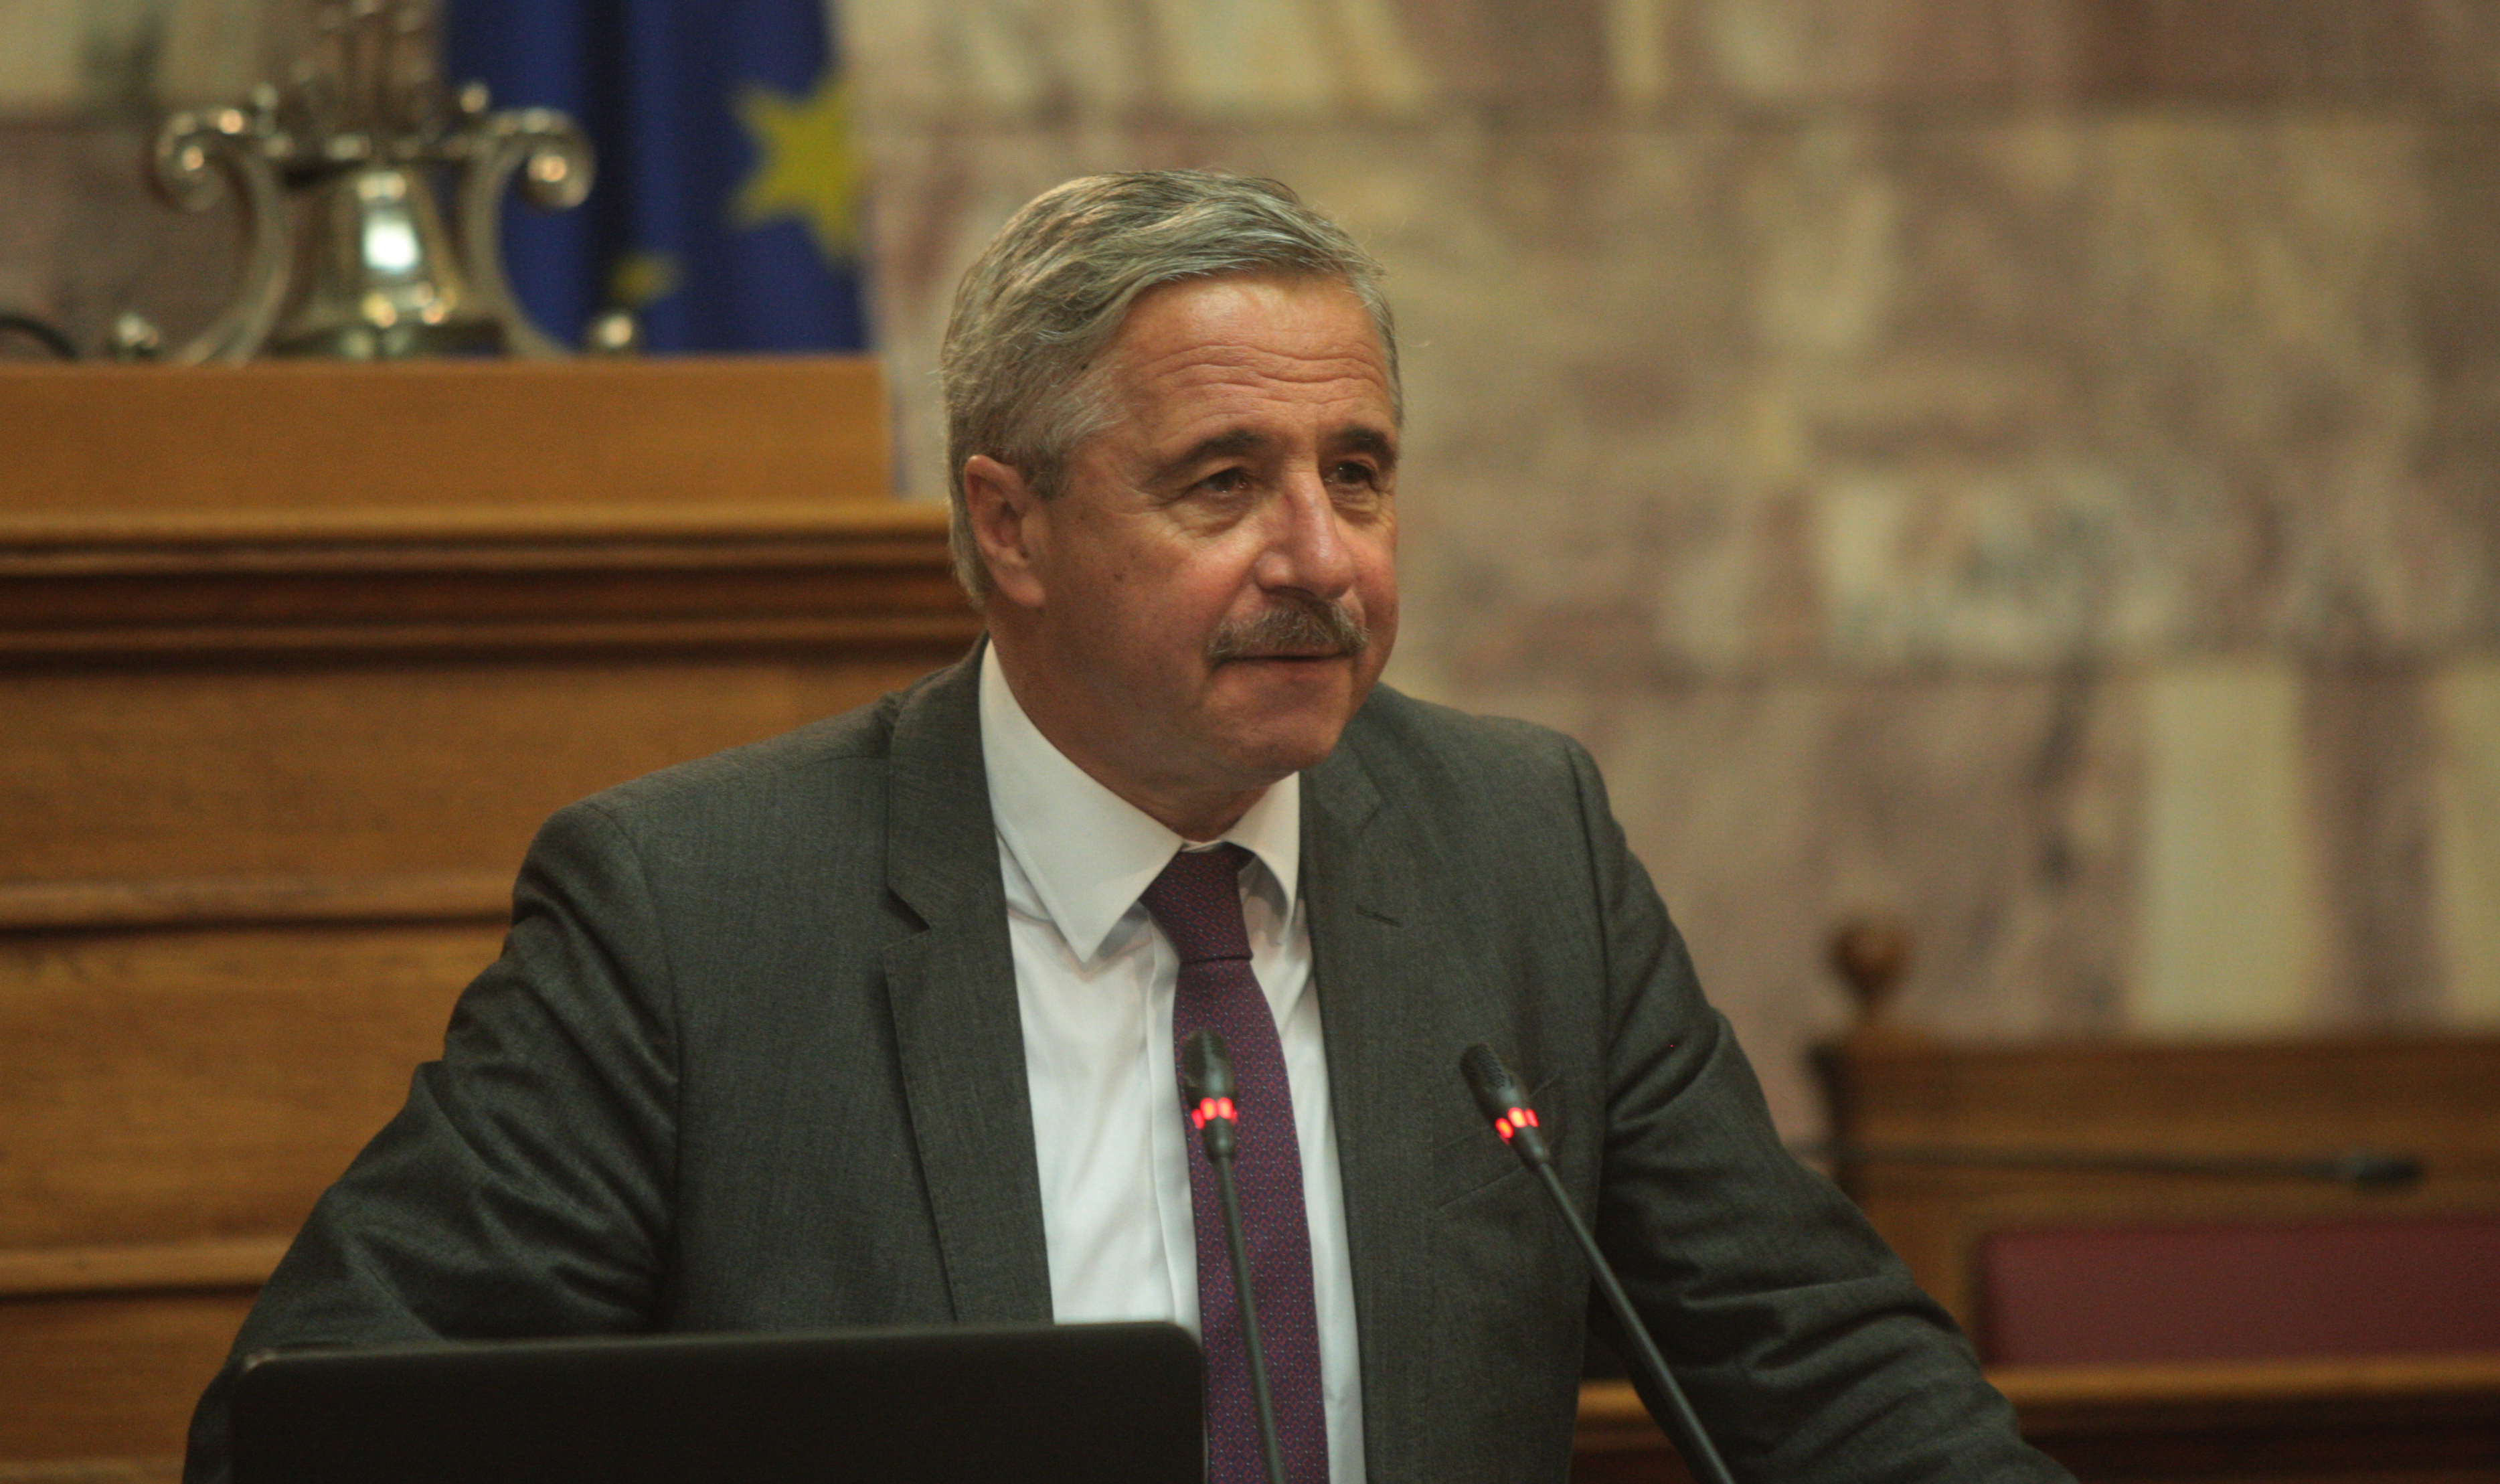 Και επίσημα υποψήφιος ο Γ. Μανιάτης | tovima.gr